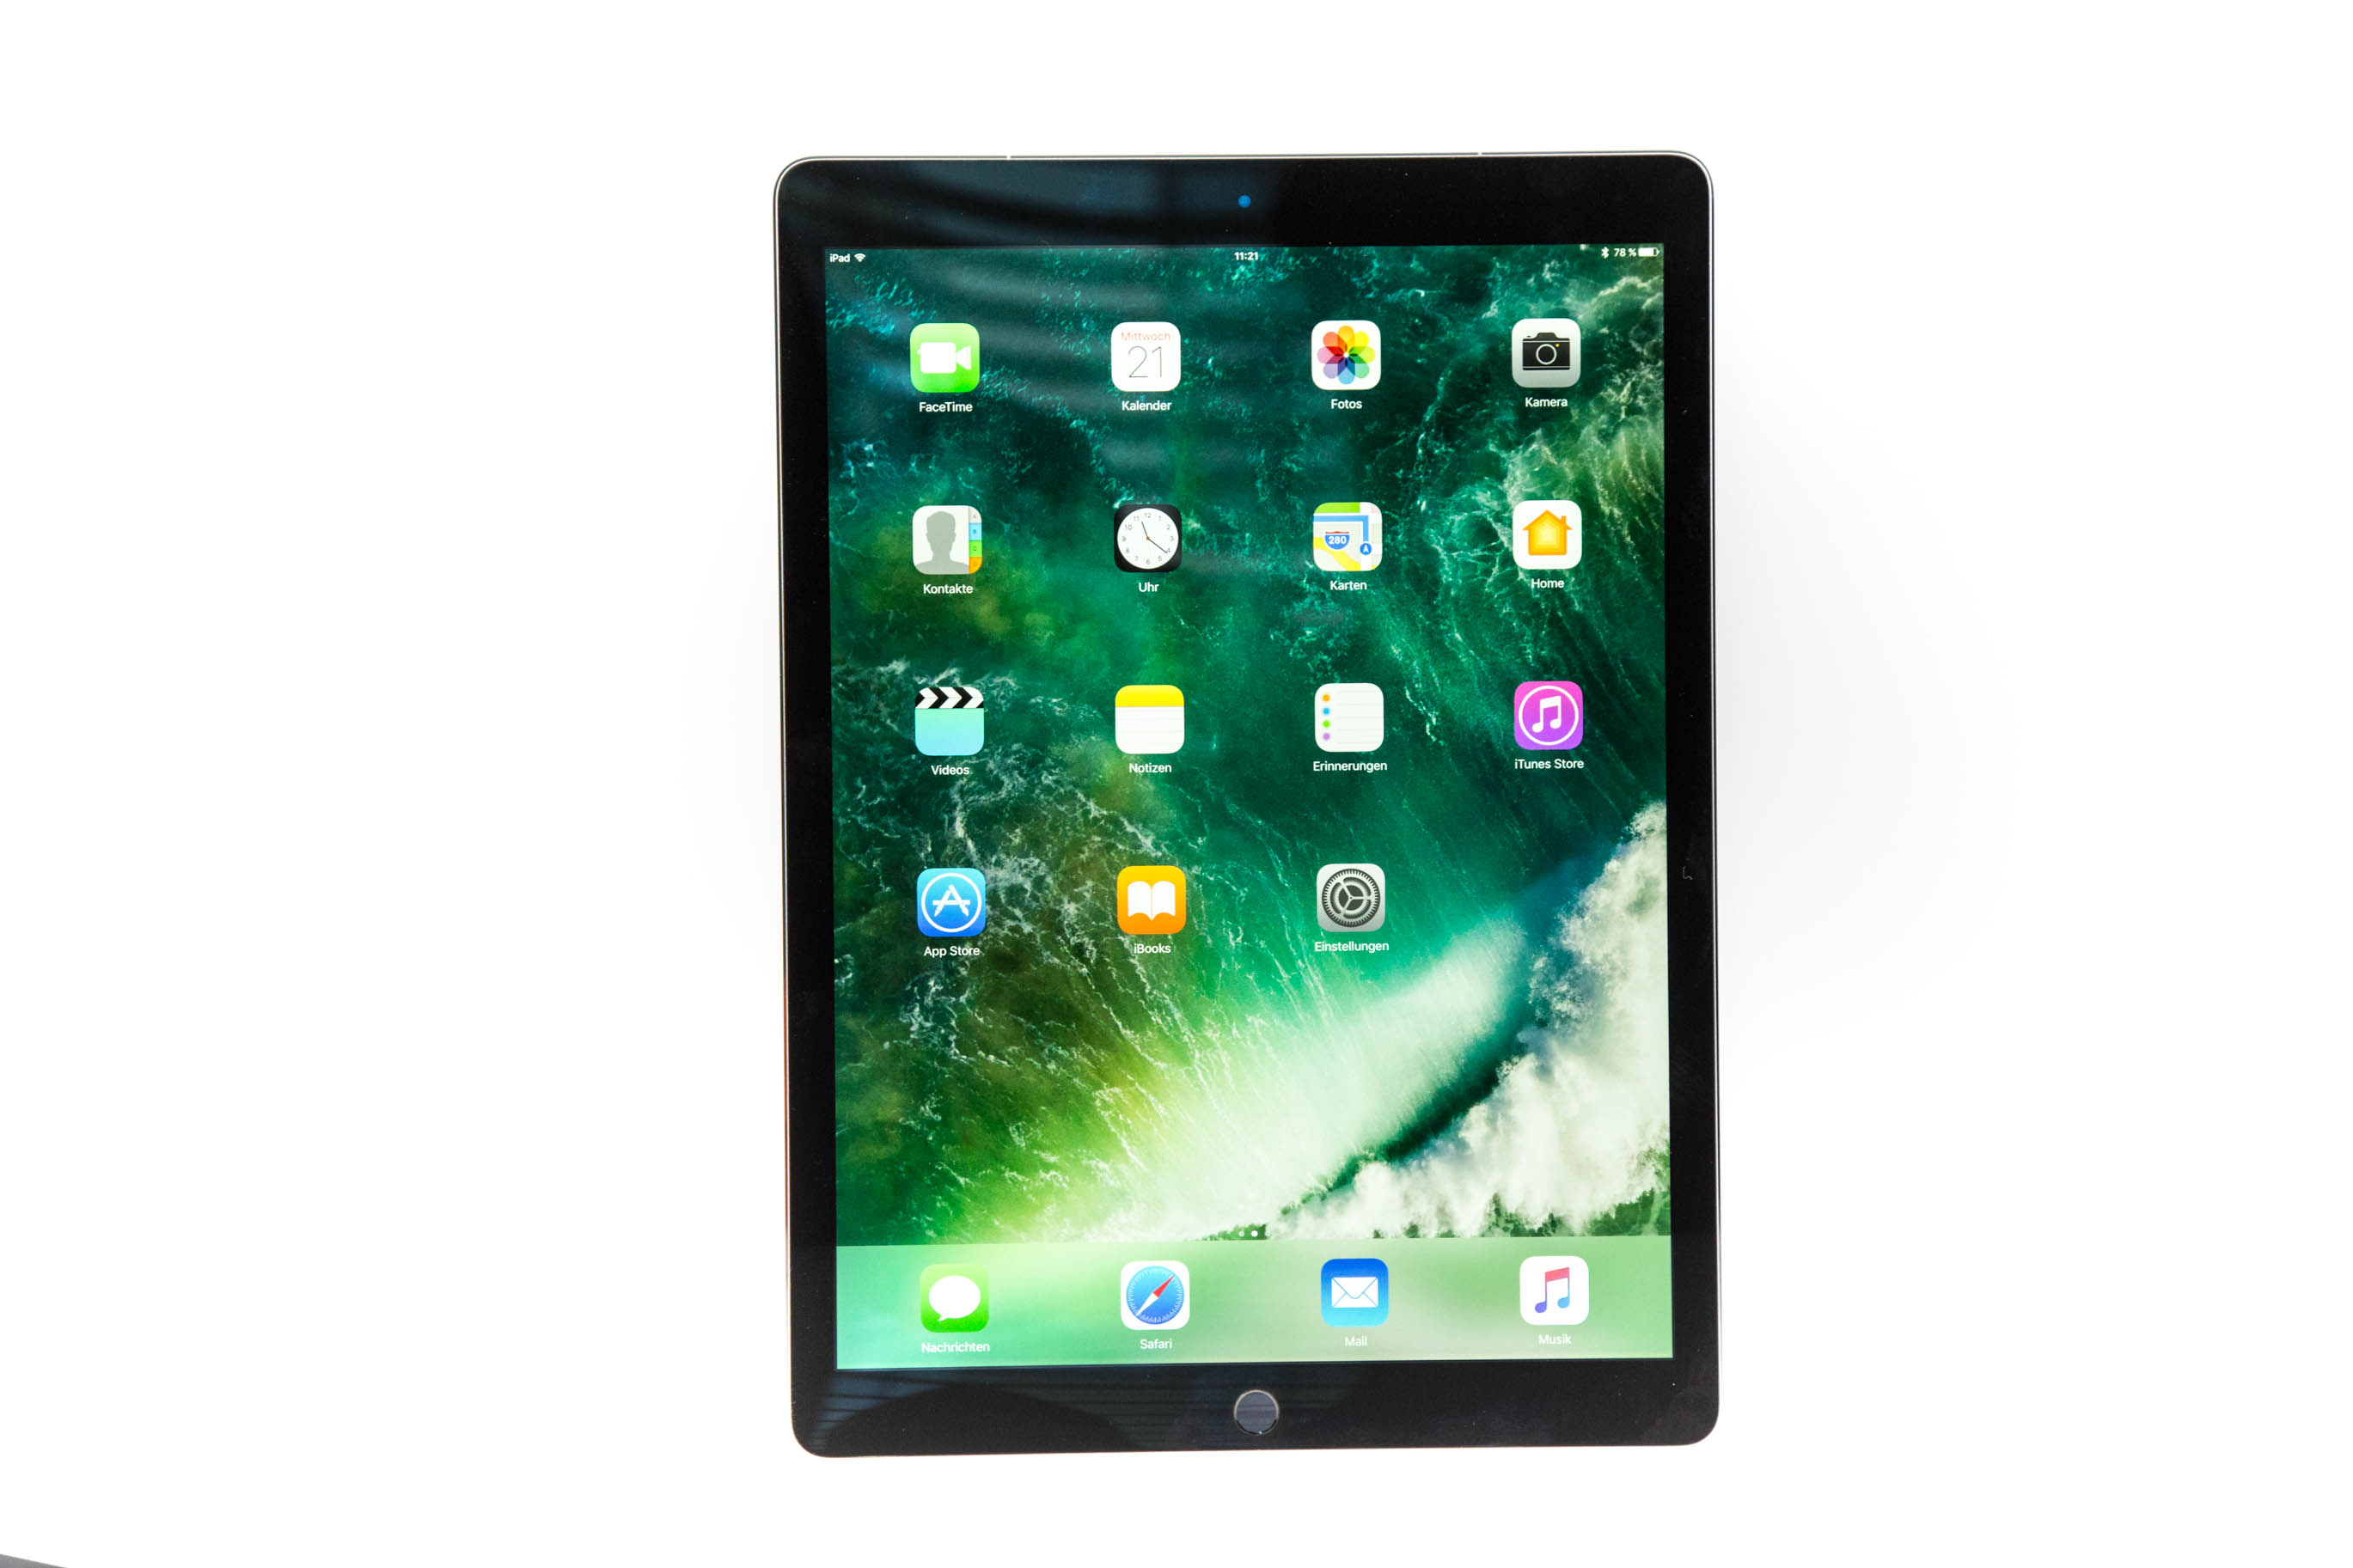 Neues iPad Pro im Test: Von der Hardware her ein Laptop - Das iPad Pro 12,9 (Bild: Martin Wolf/Golem.de)